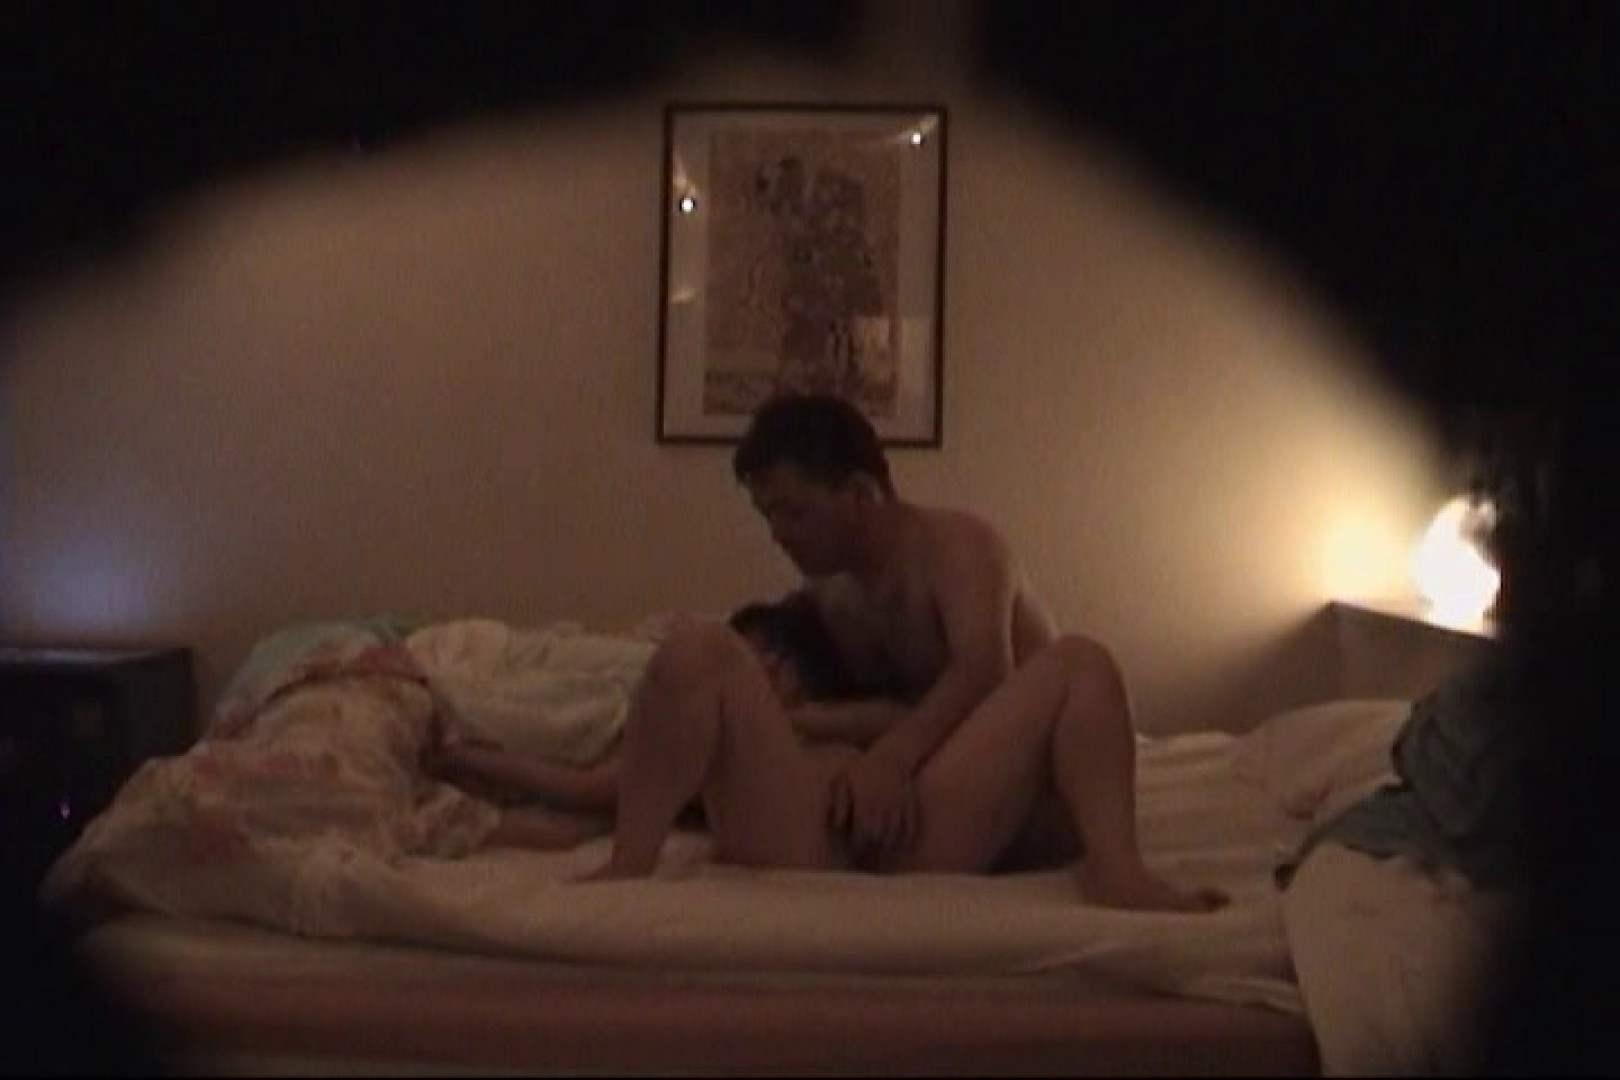 デリ嬢マル秘撮り本物投稿版④ ホテル  92連発 36